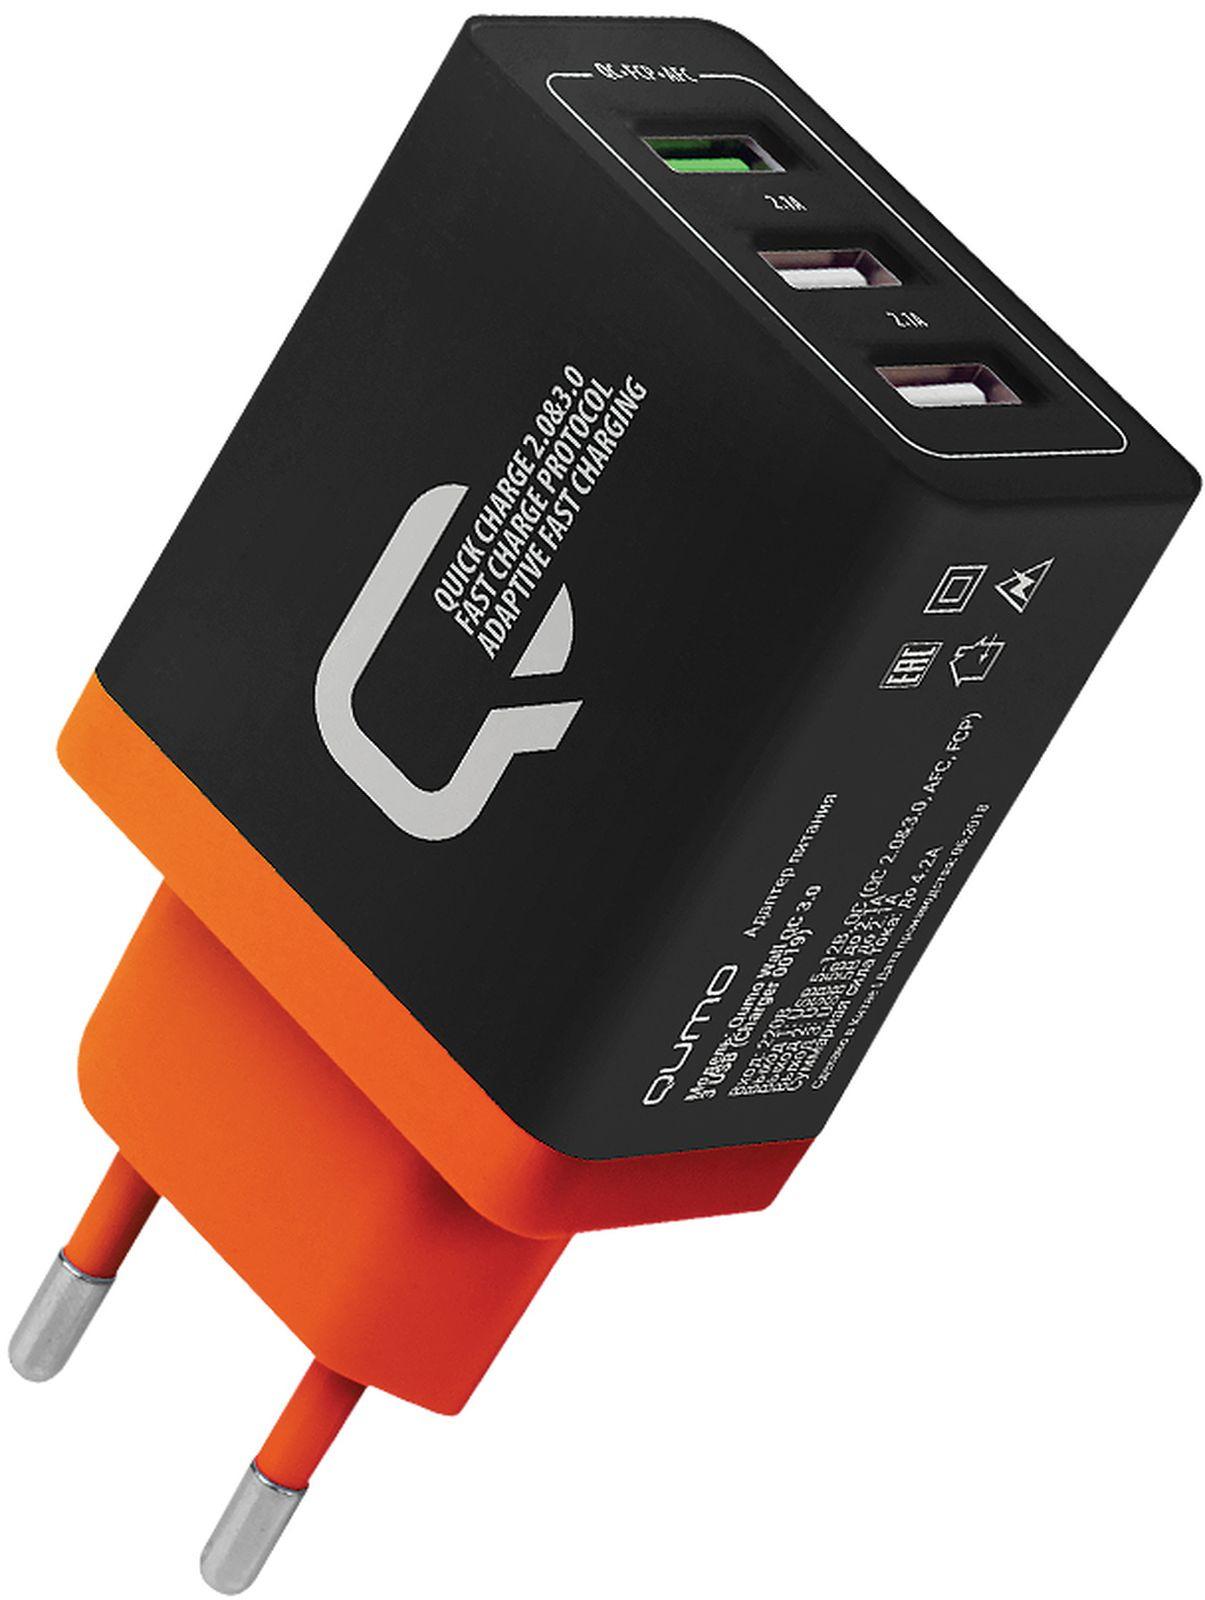 Фото - Зарядное устройство QUMO Charger 0019, 30 Вт, 3 USB, 4.2A, 1 USB, QC 3.0, FCP, AFC + 2 USB 2,4A, черный беспроводное зарядное устройство qumo poweraid qi dual i charger 0013 10 вт 1 контур черный